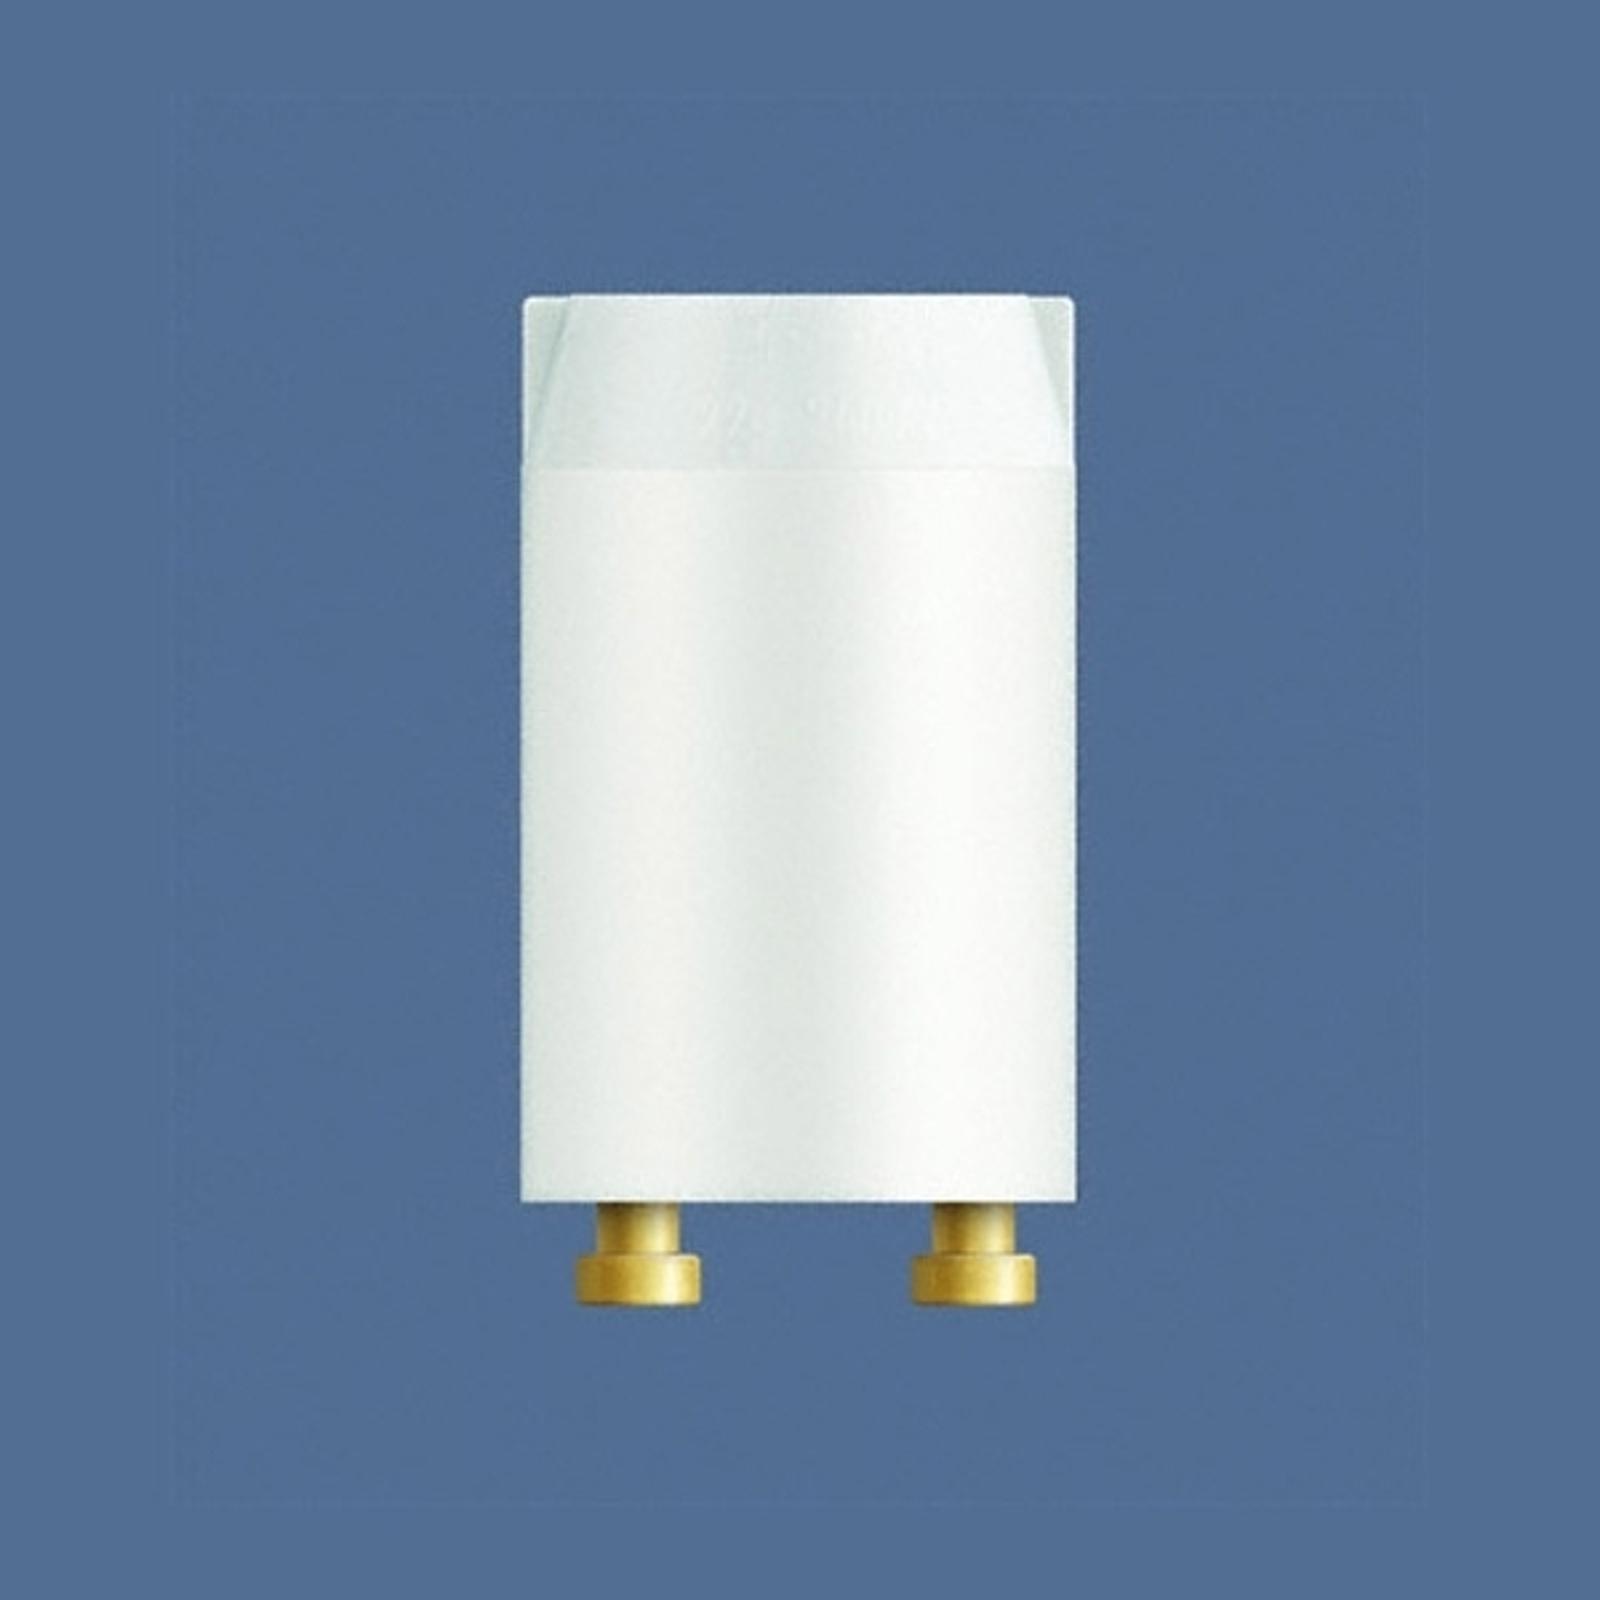 OSRAM Starter ST151 für Leuchtstofflampen 4-22W